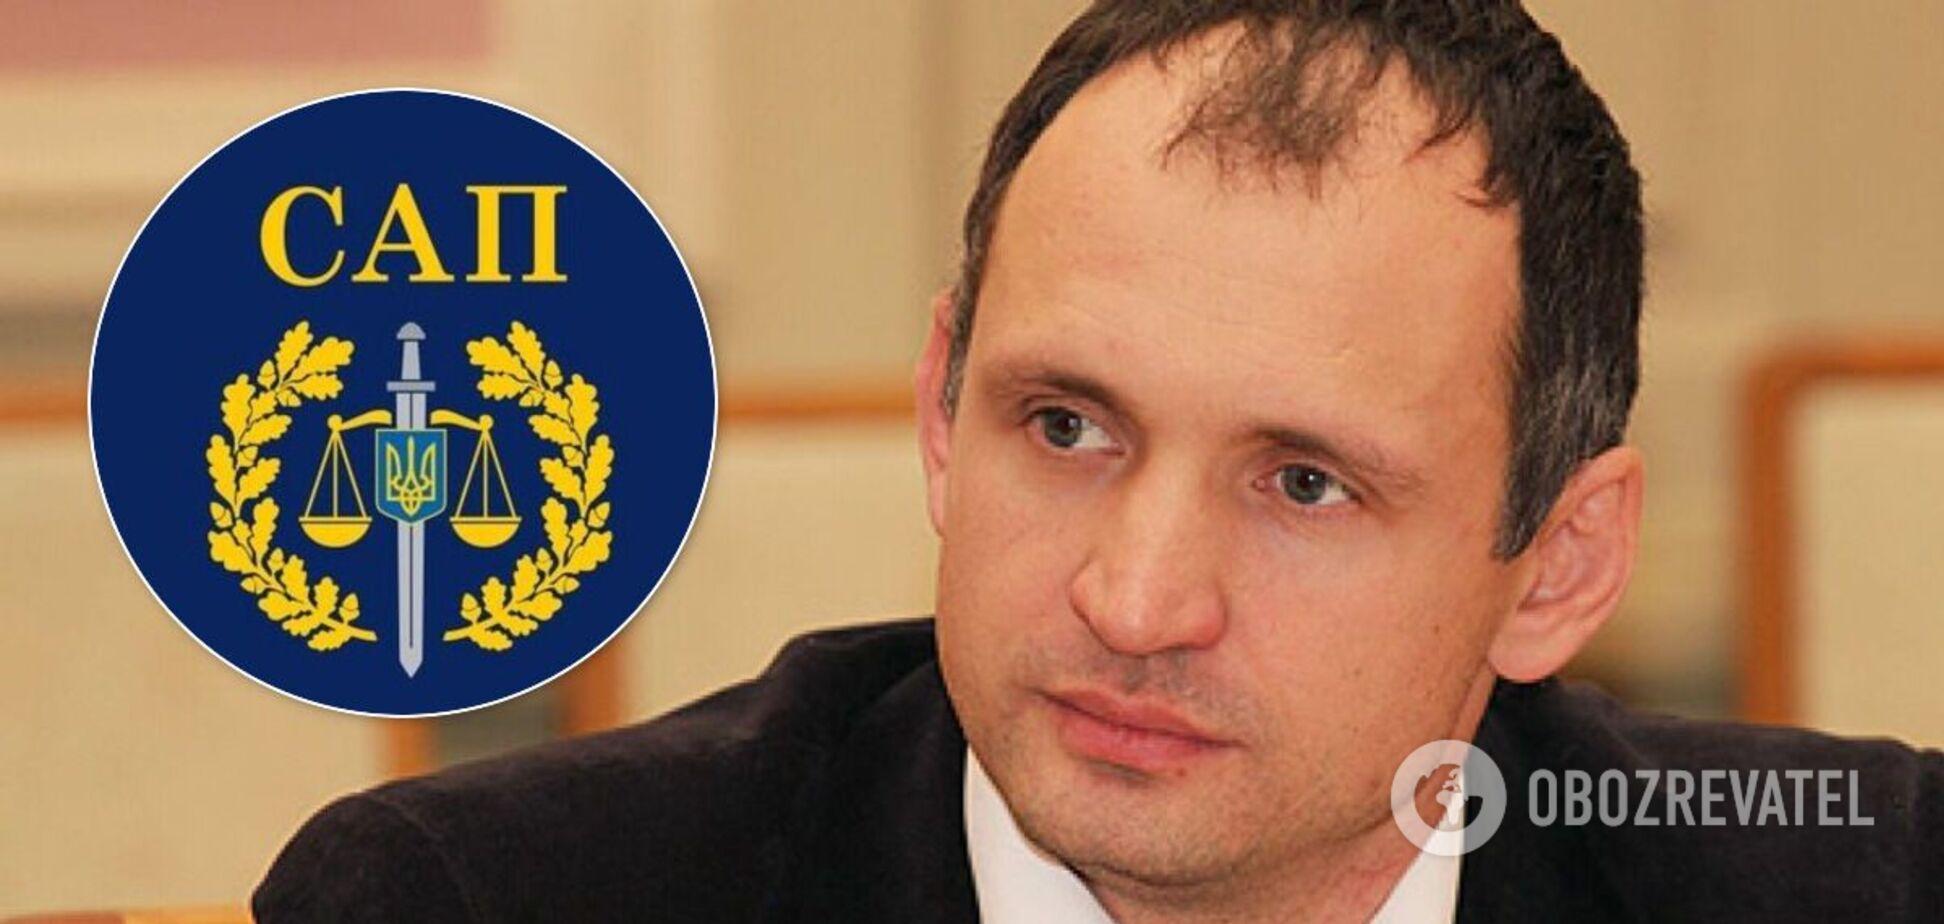 Прокуроры САП подписали подозрение замглавы Офиса президента Татарову